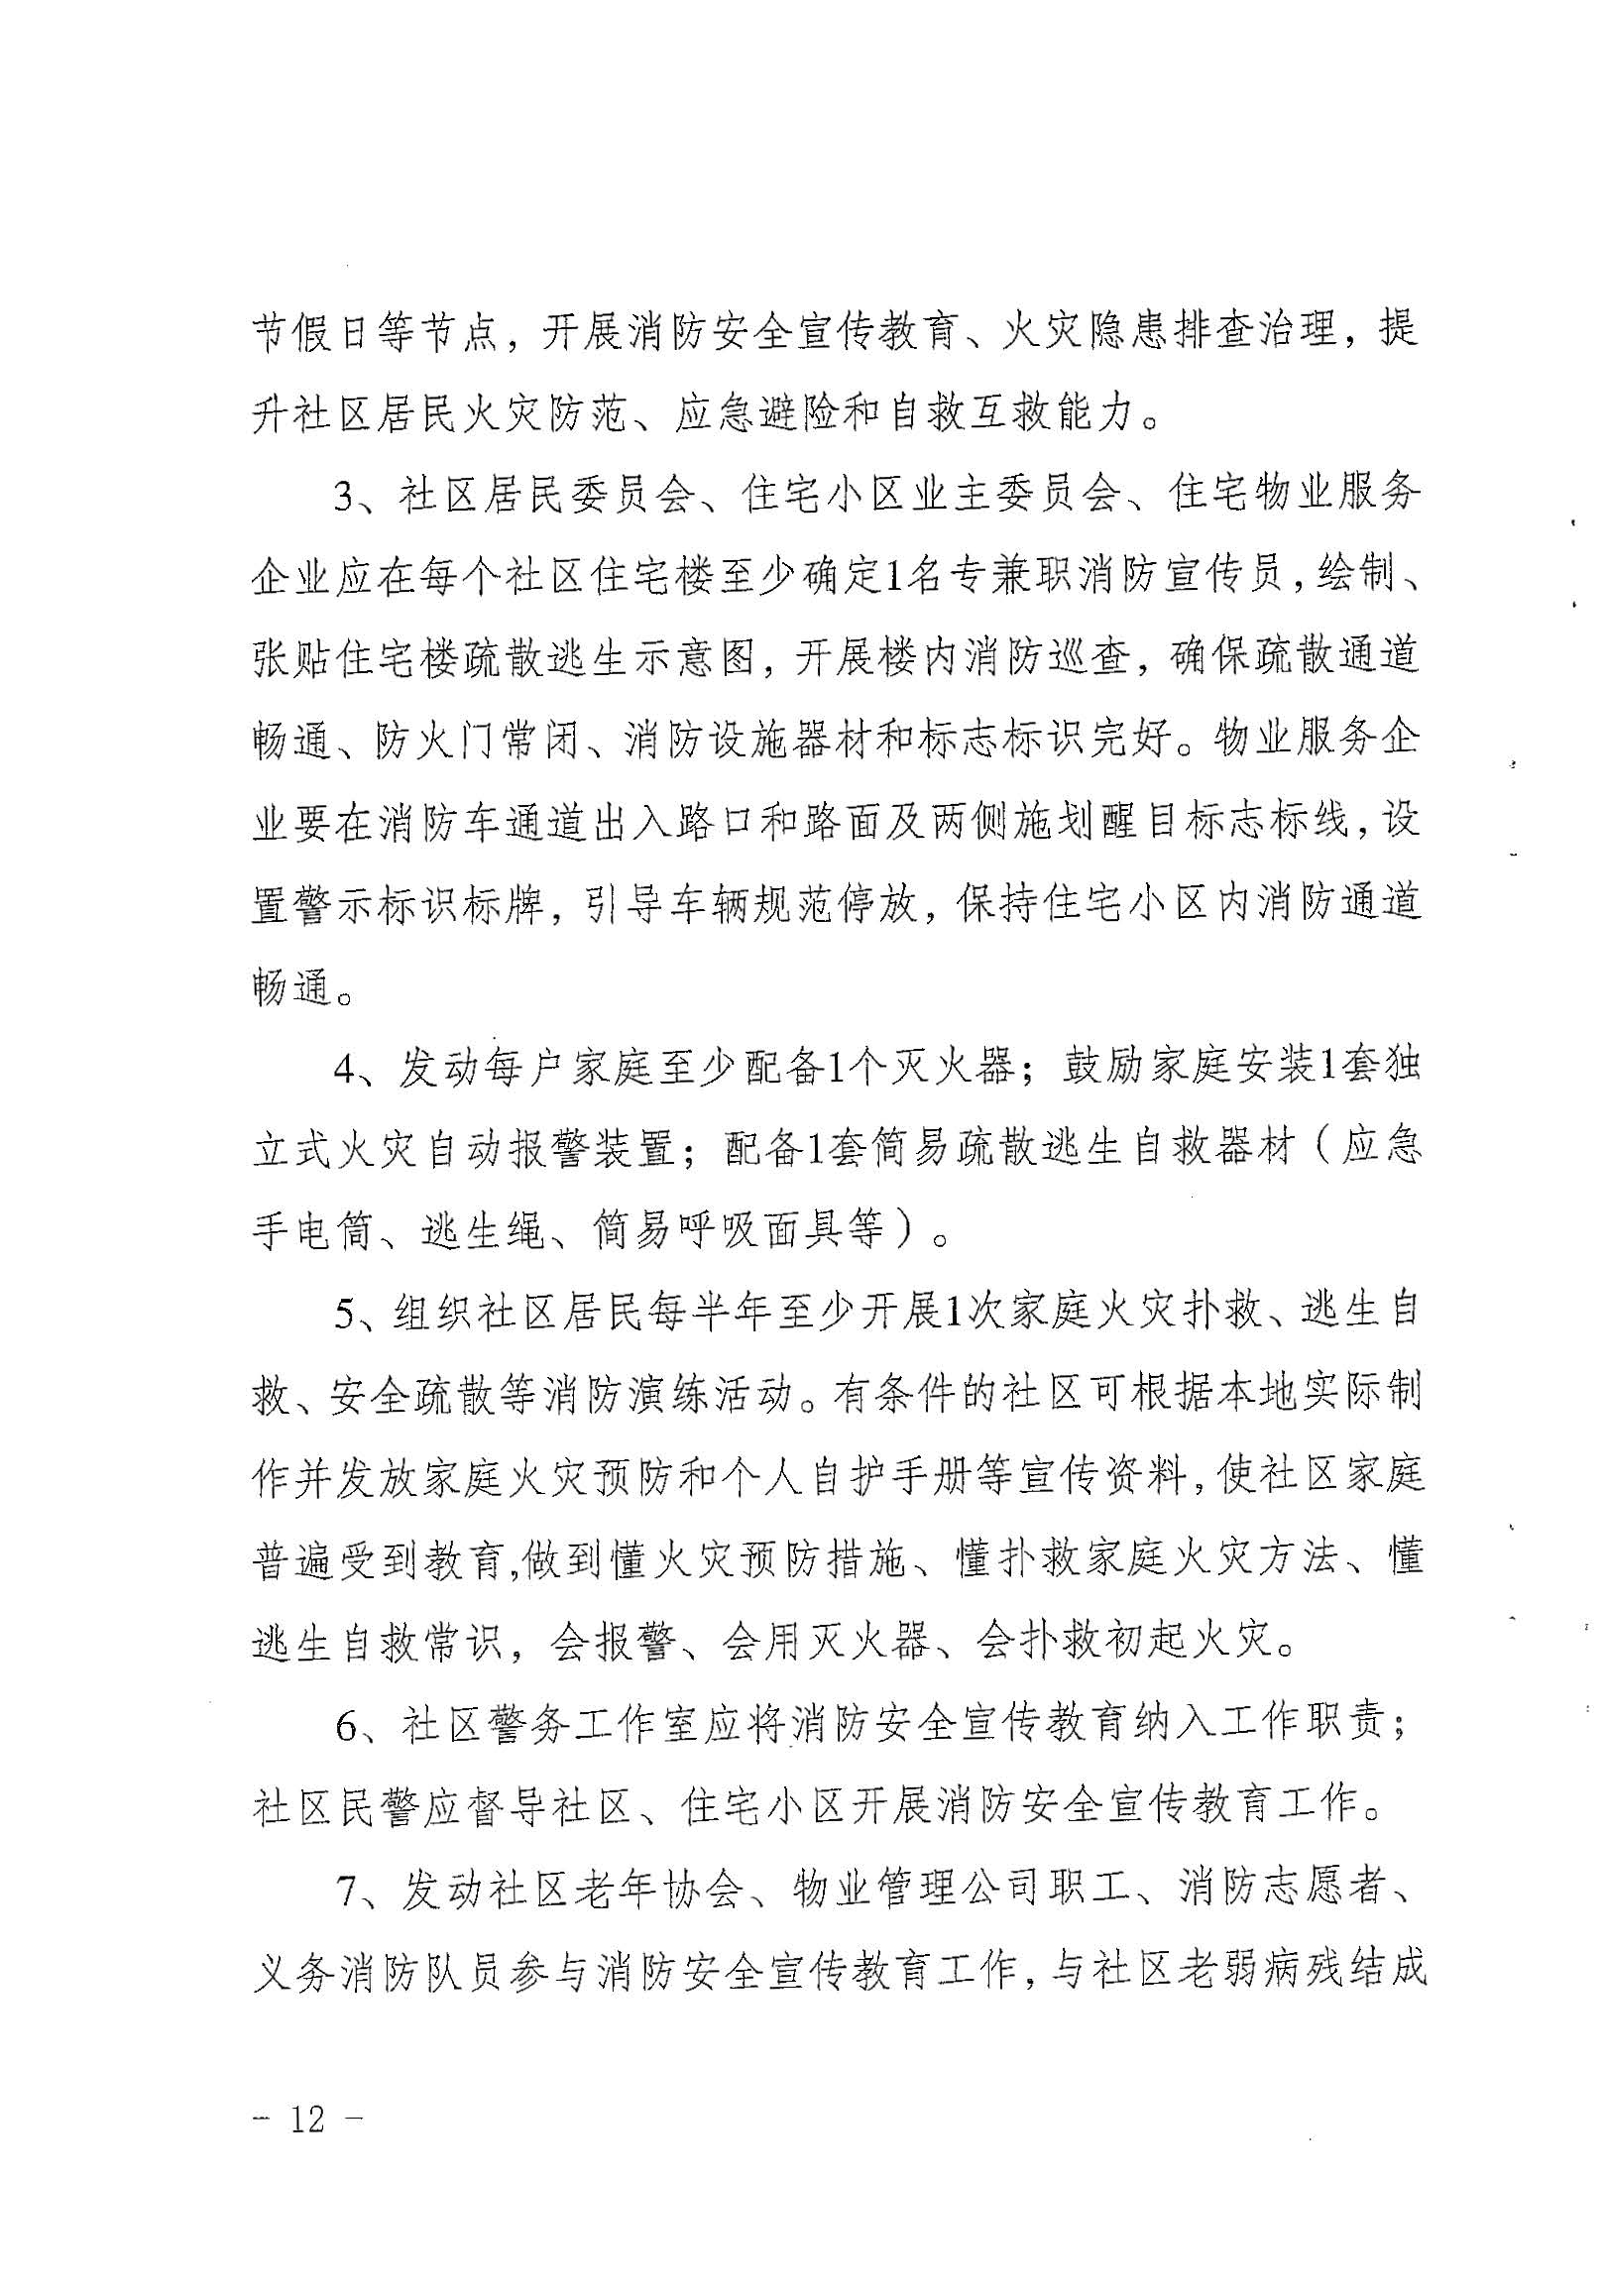 """省消防安委办关于印发《青海省消防安全宣传教育""""五进""""工作实施细则》的通知(青消安委[2020]20号)_页面_12.jpg"""